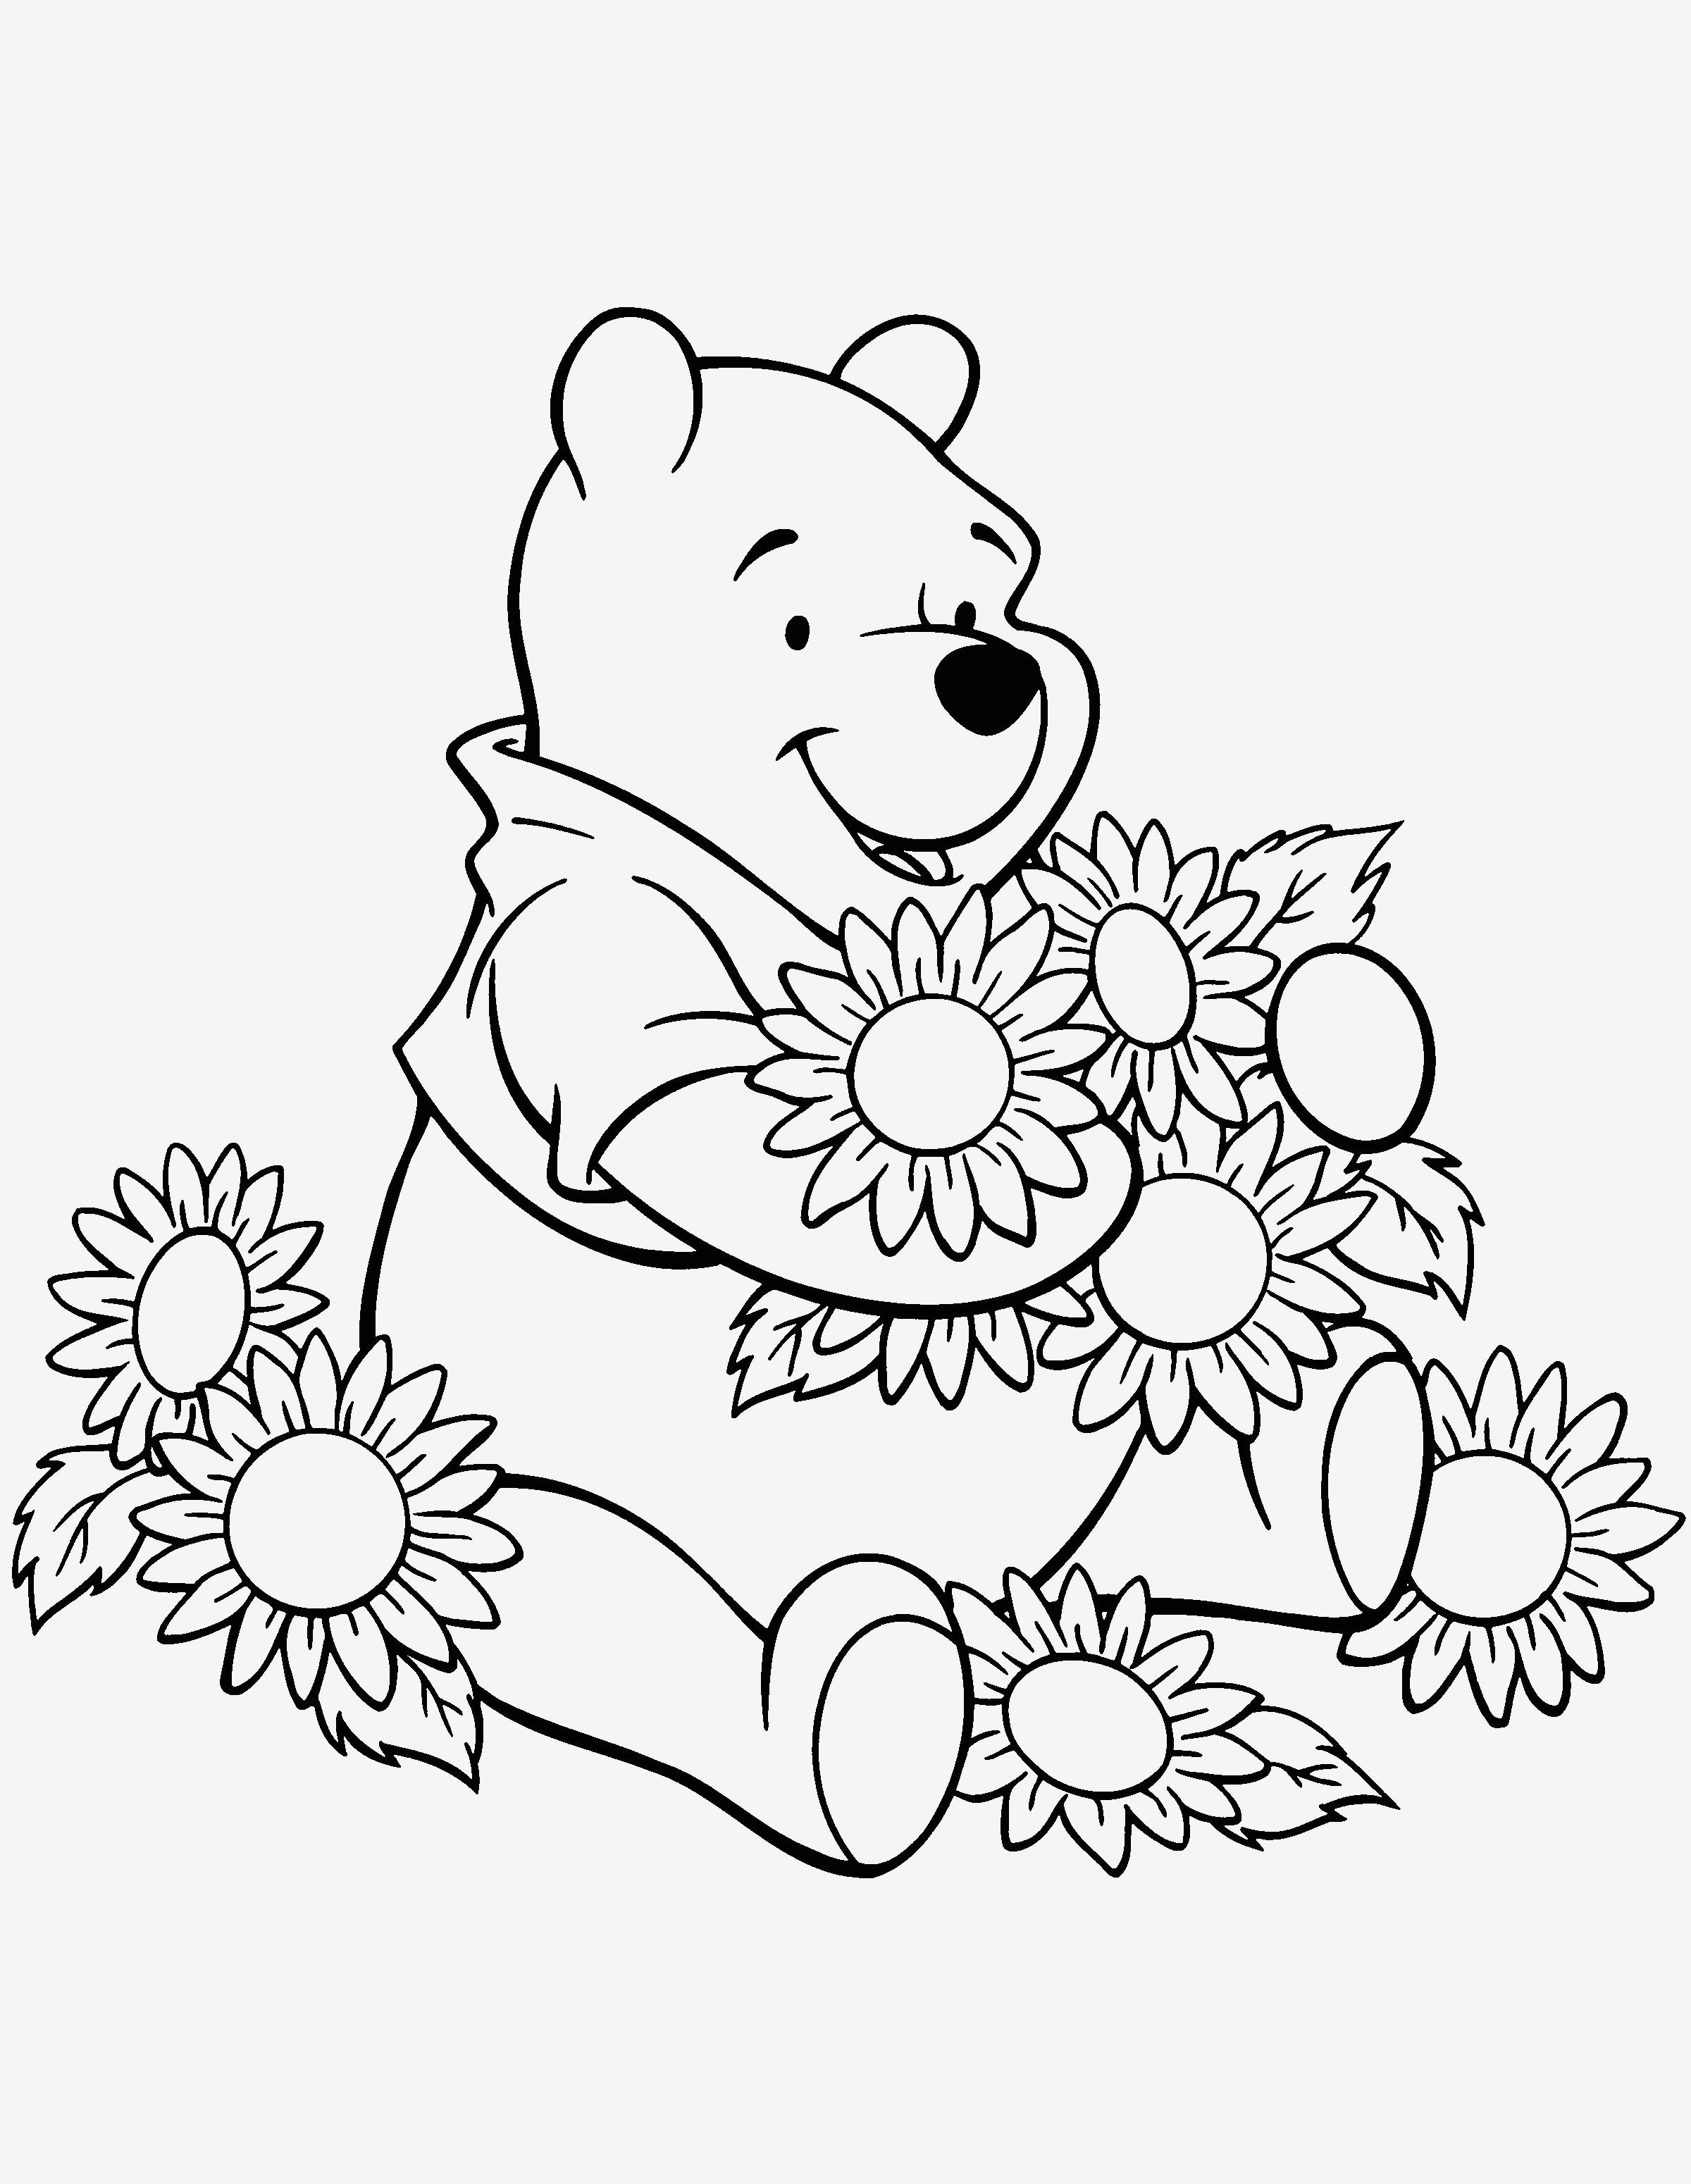 Ausmalbild Winnie Pooh Frisch Spannende Coloring Bilder Winnie Puuh Ausmalbilder Stock